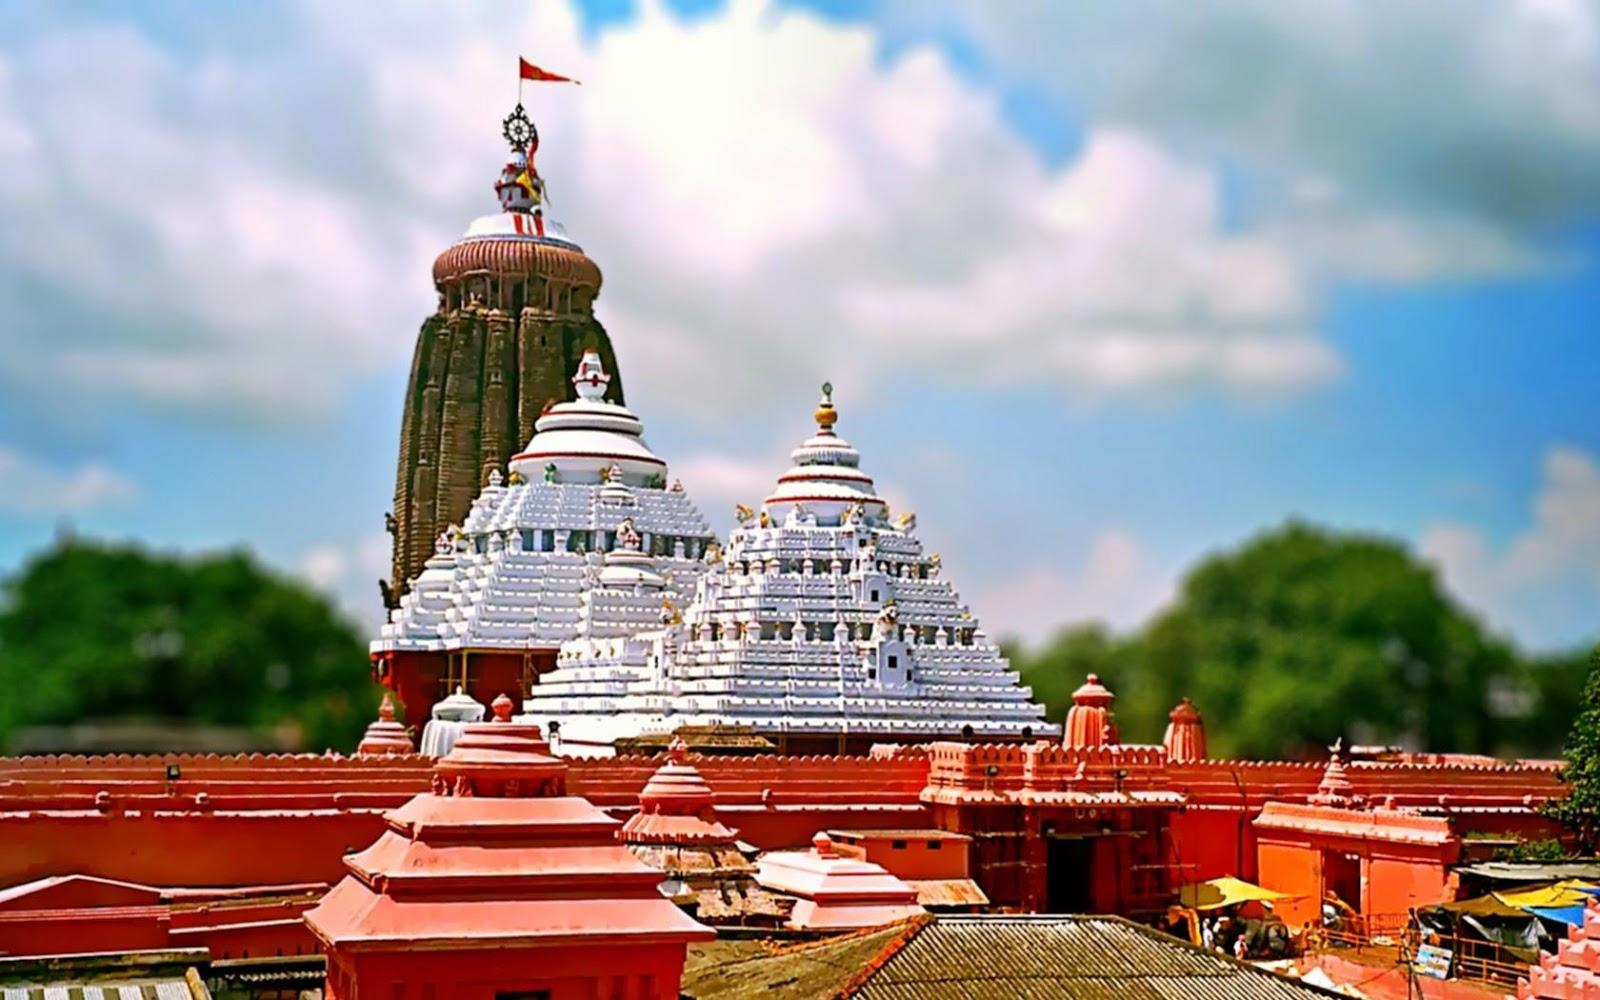 Jagannath Temple FI 40 साल बाद खुलेगा जगन्नाथ मंदिर का रत्नभंडार, जानिए मंदिर के अनसुलझे रहस्य